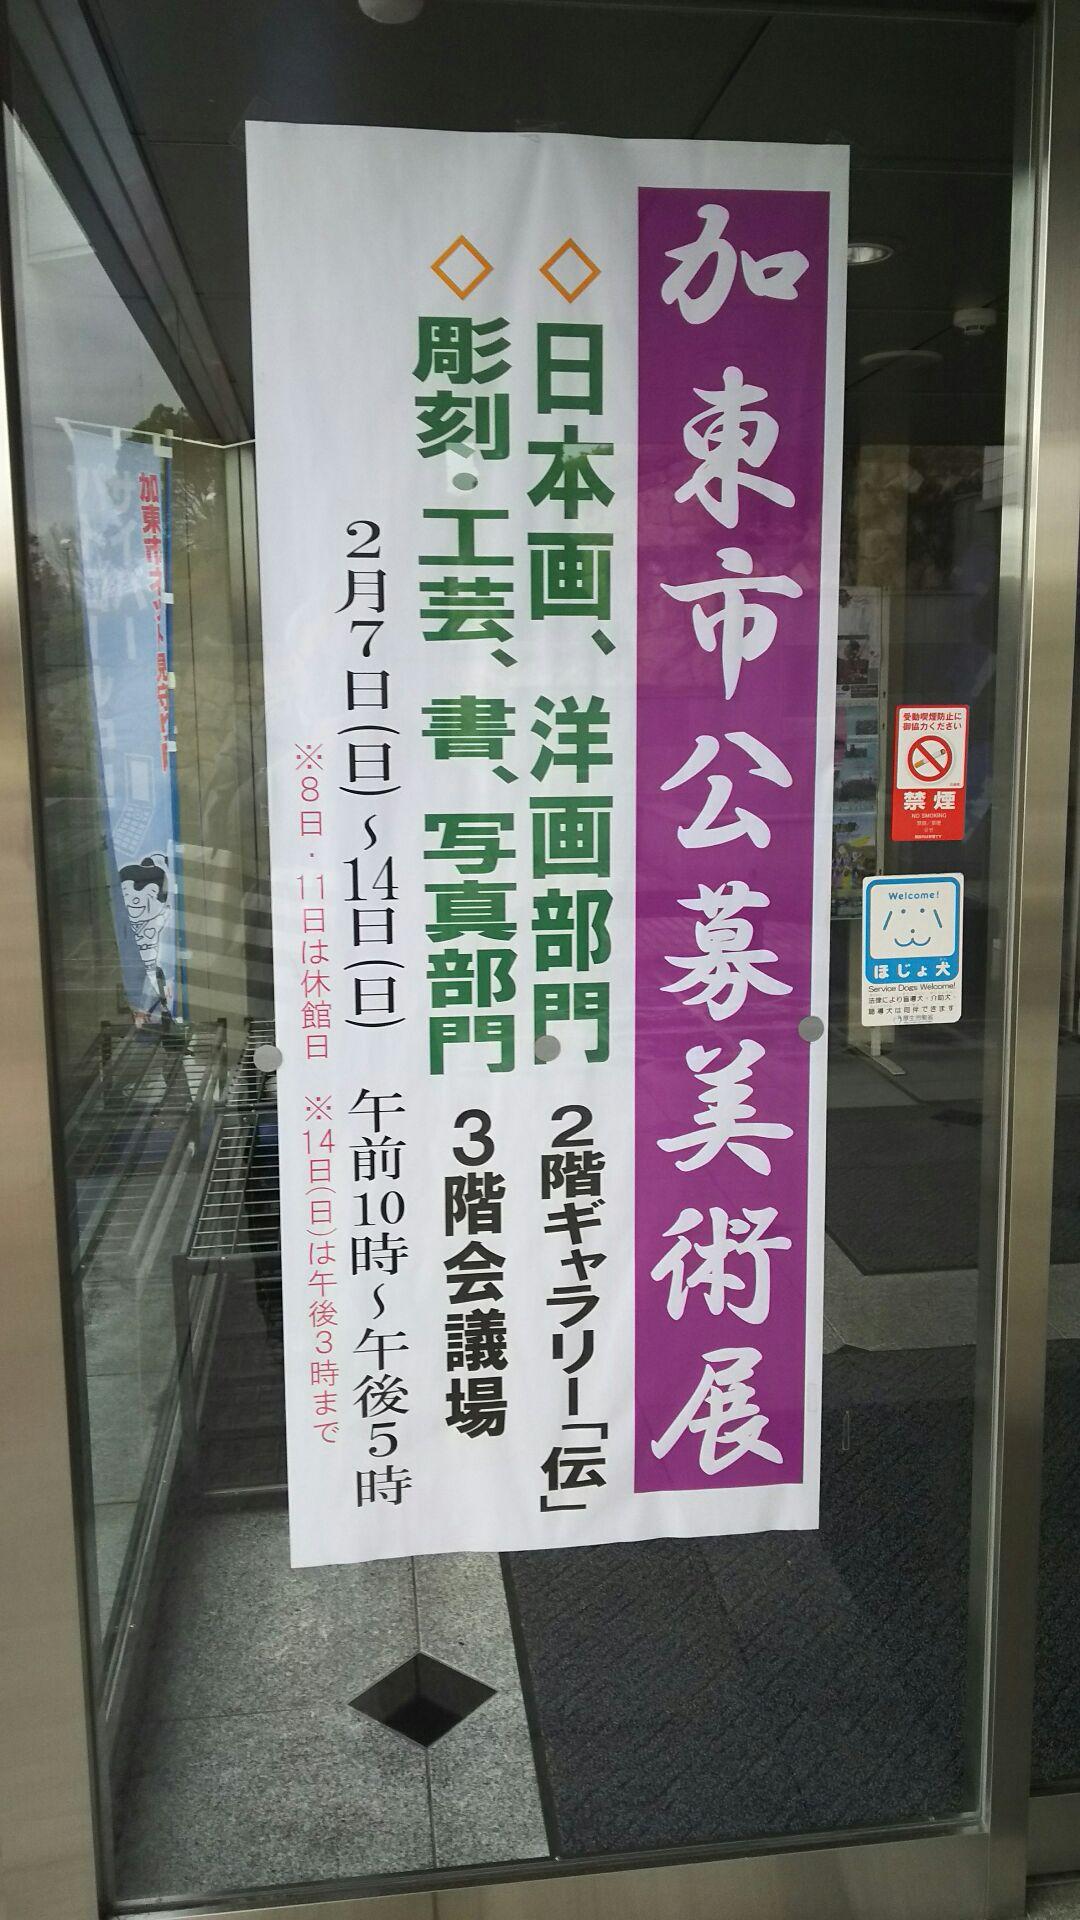 加東市公募美術展(加東市展)入選_a0288226_2252317.jpg